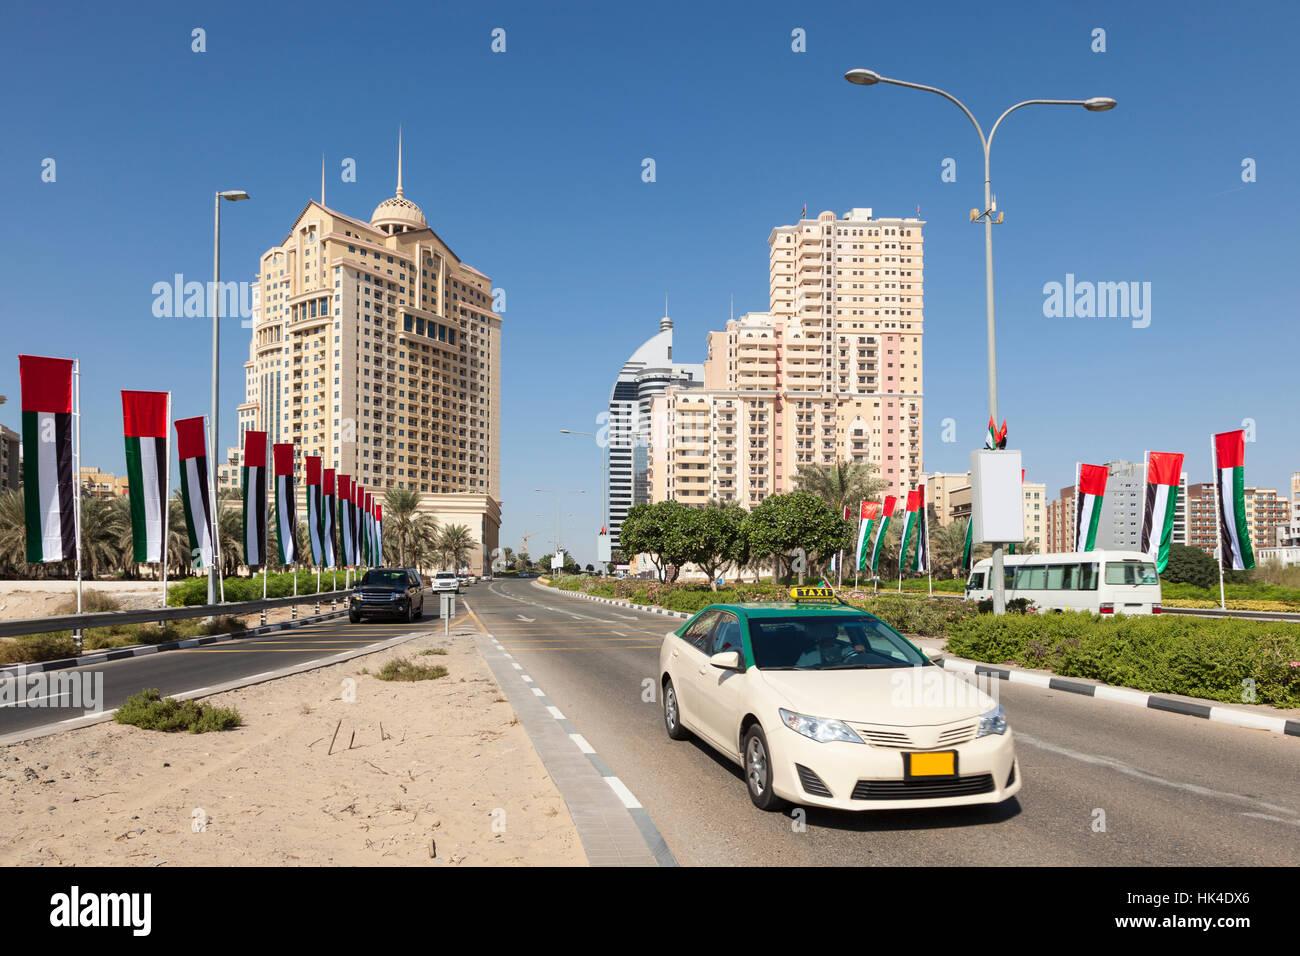 Dubai Academic City, United Arab Emirates - Stock Image